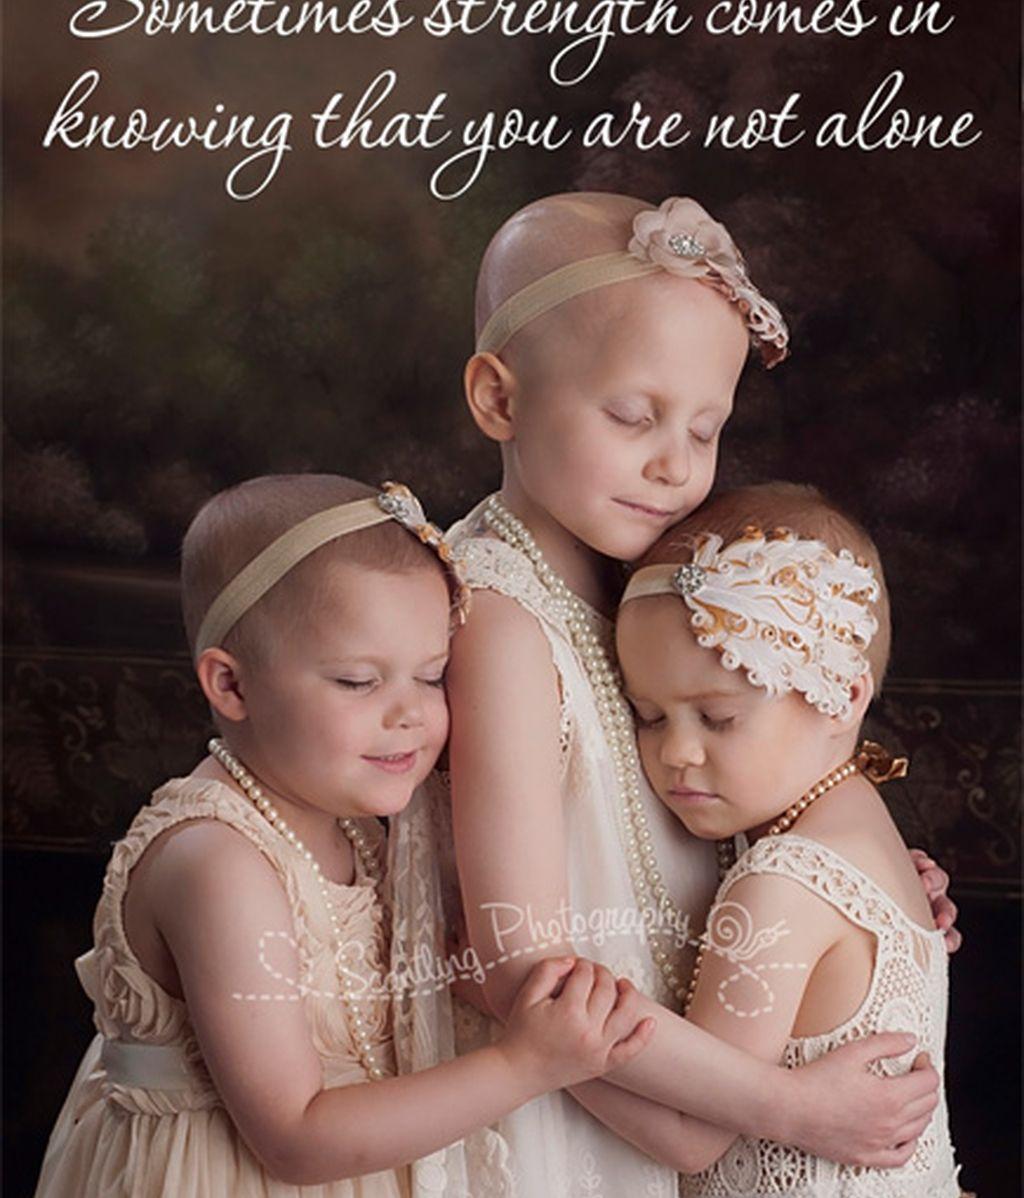 Imagen viral contra el cáncer infantil